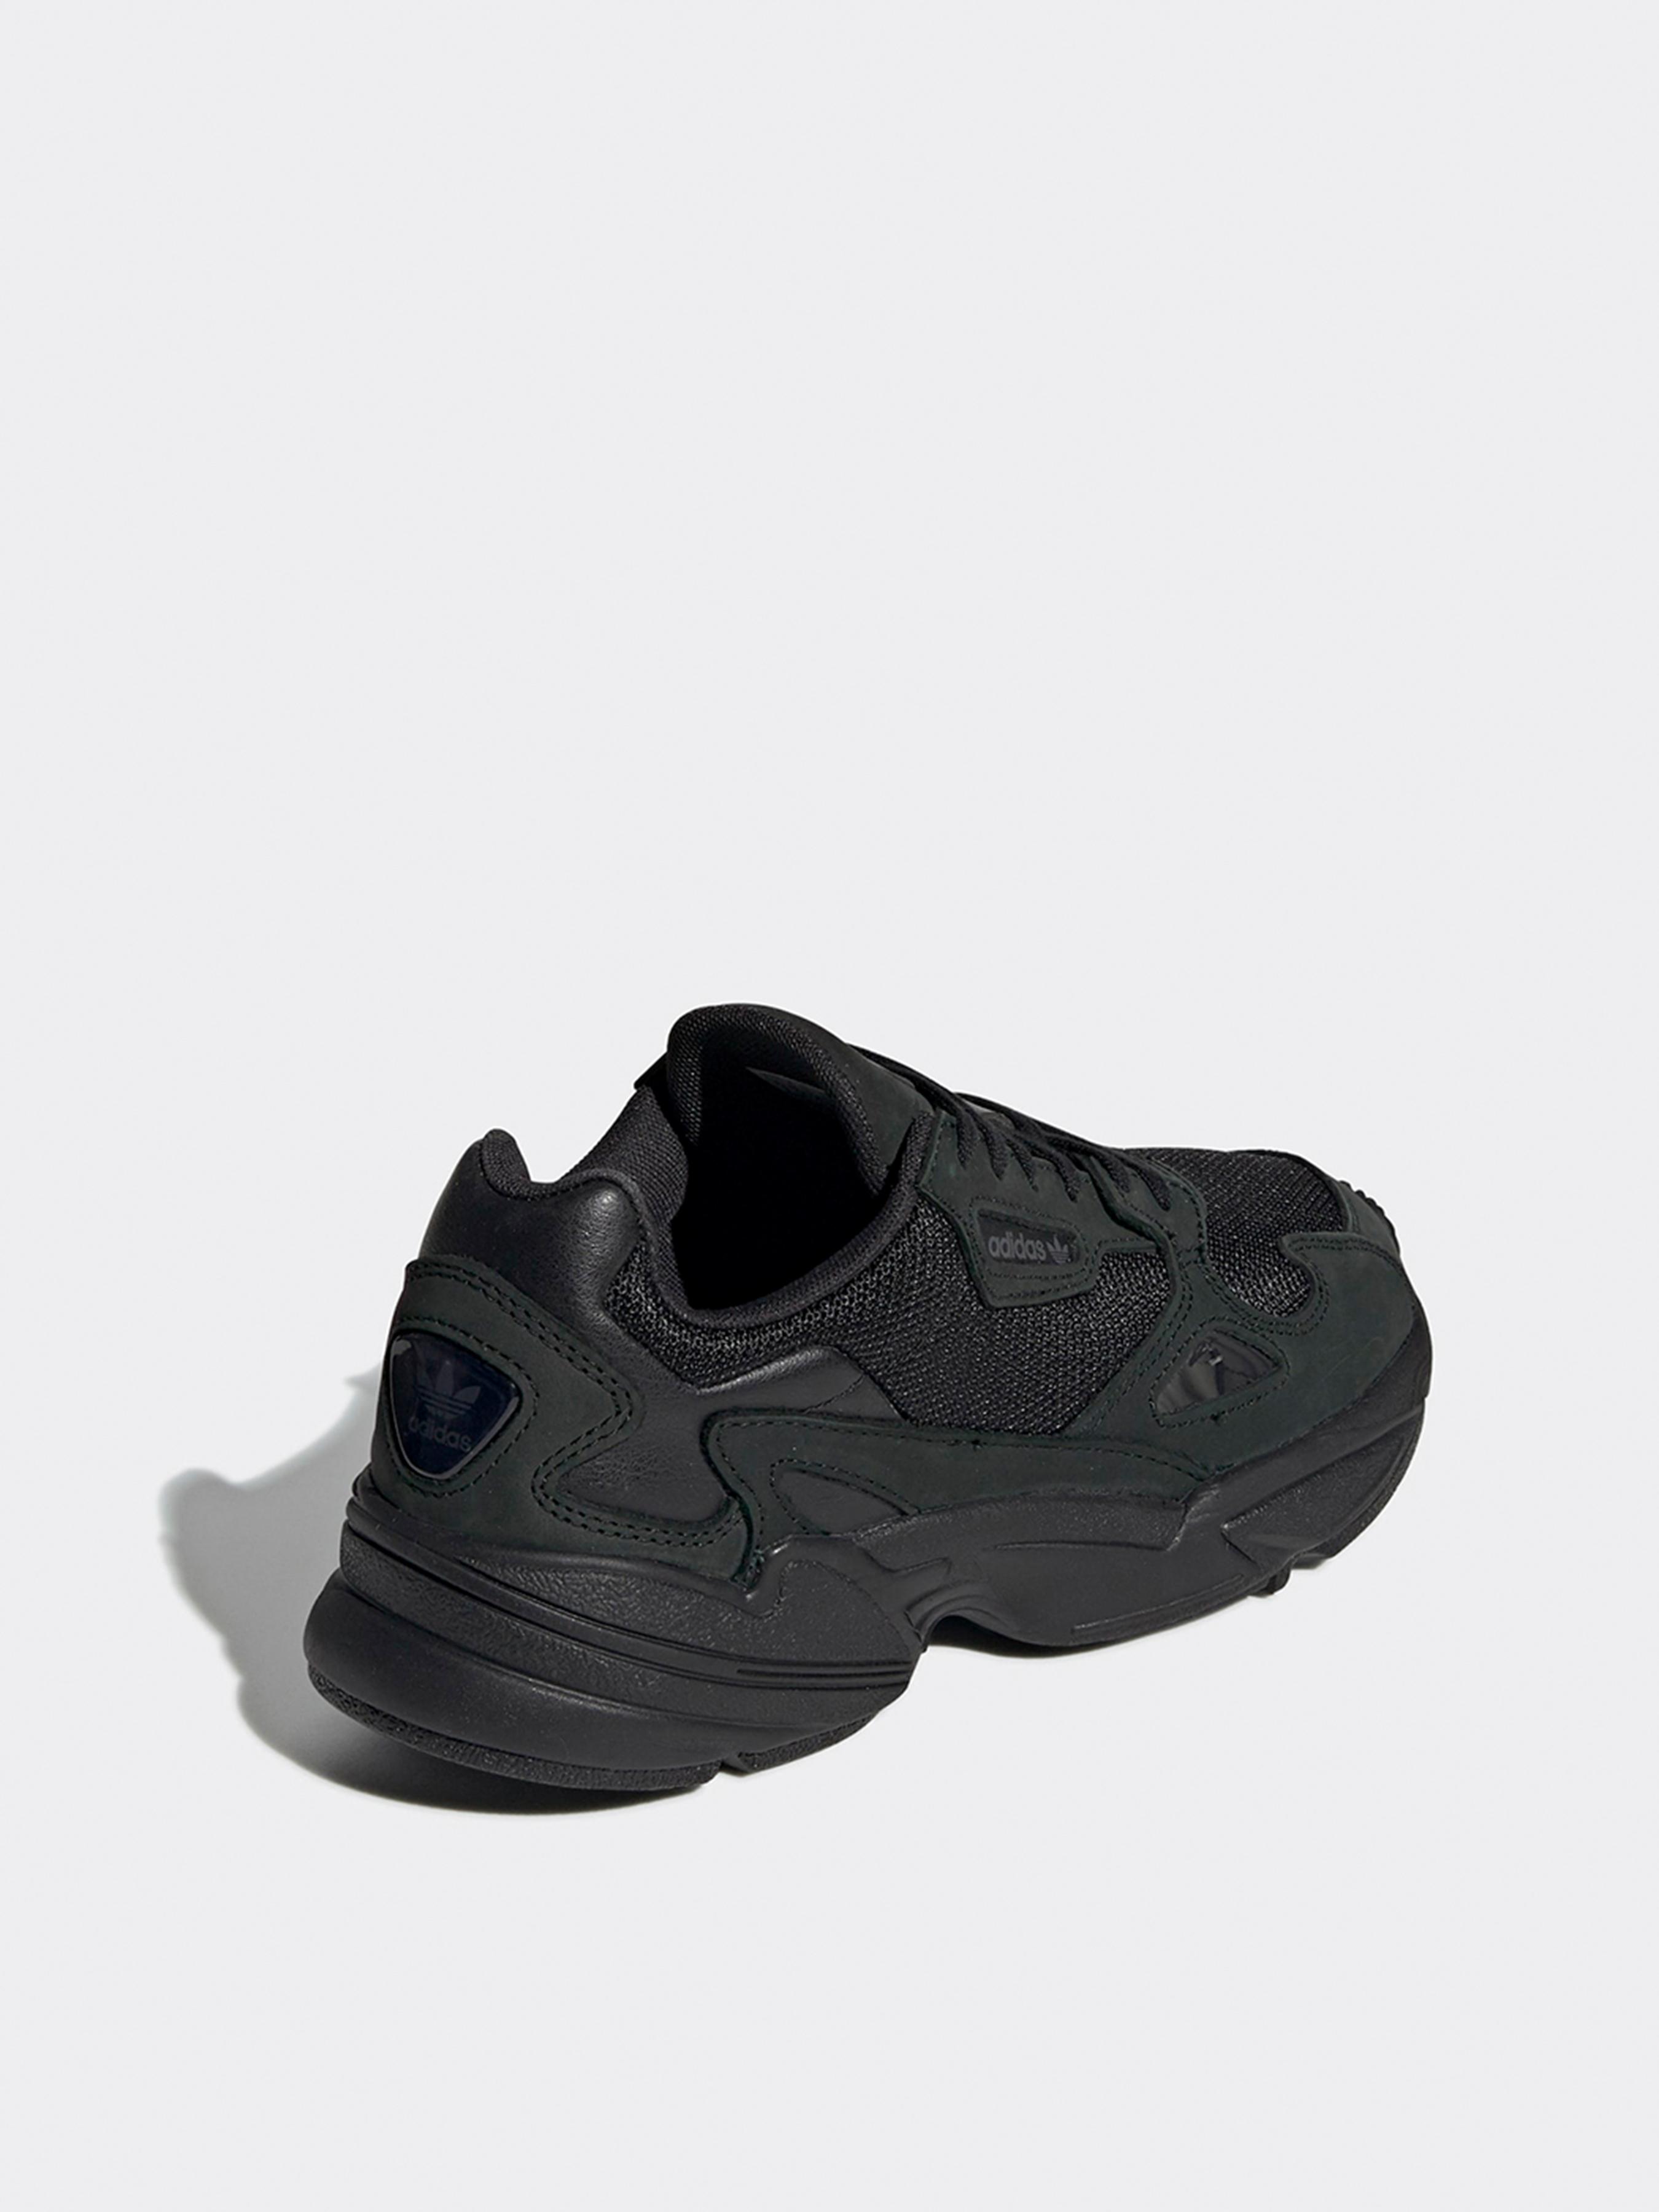 Кроссовки женские Adidas FALCON W G26880 брендовая обувь, 2017